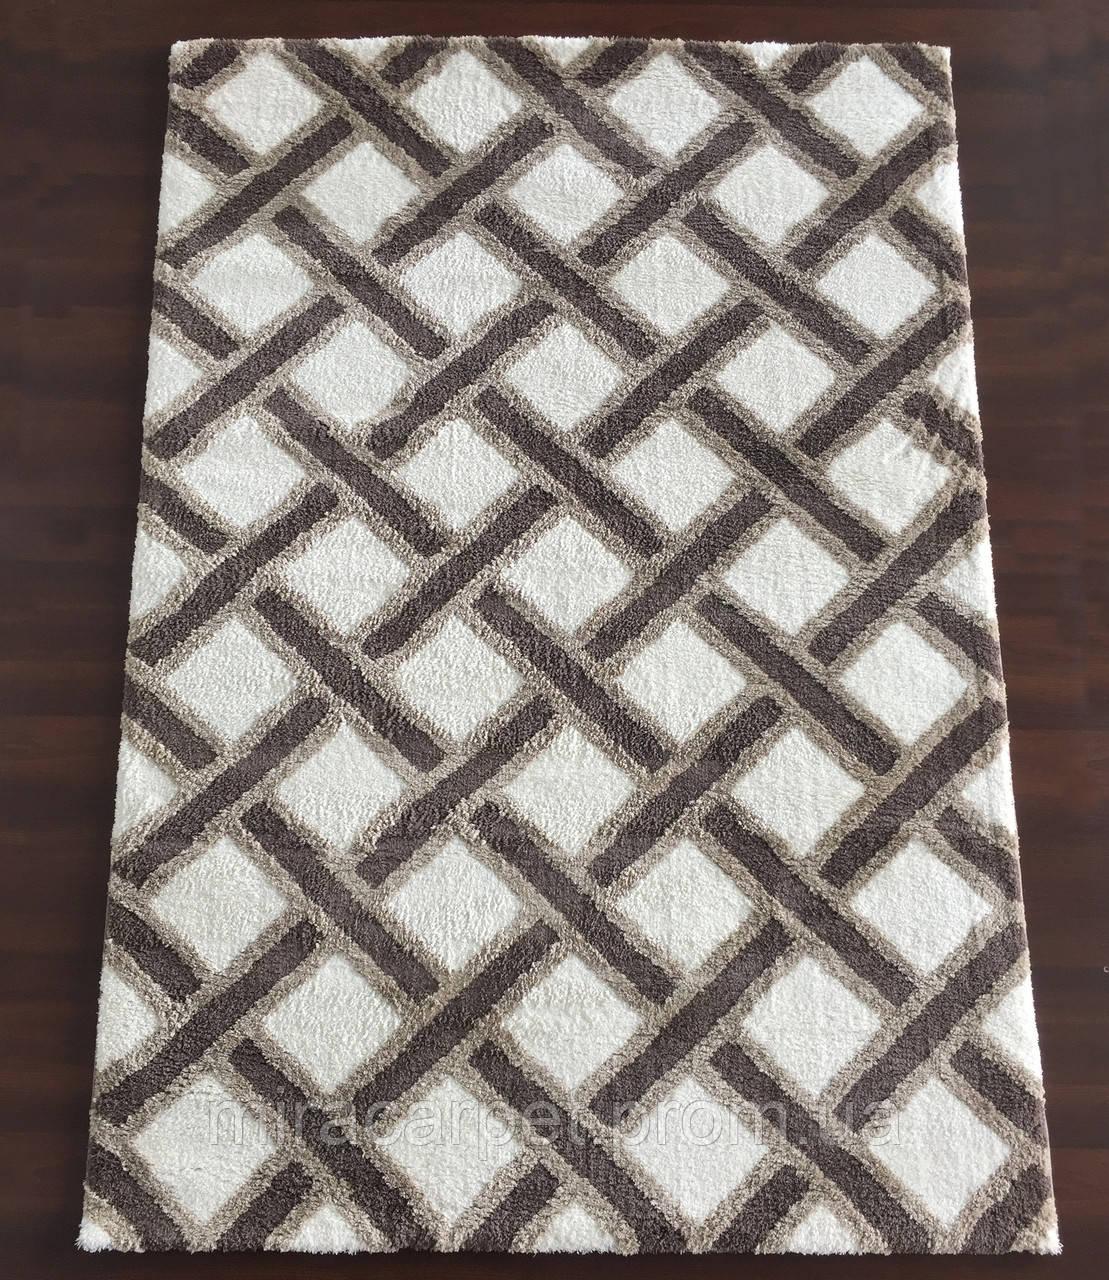 Ковер ворсистый ромбиками, ковер на пол, ковры в зал